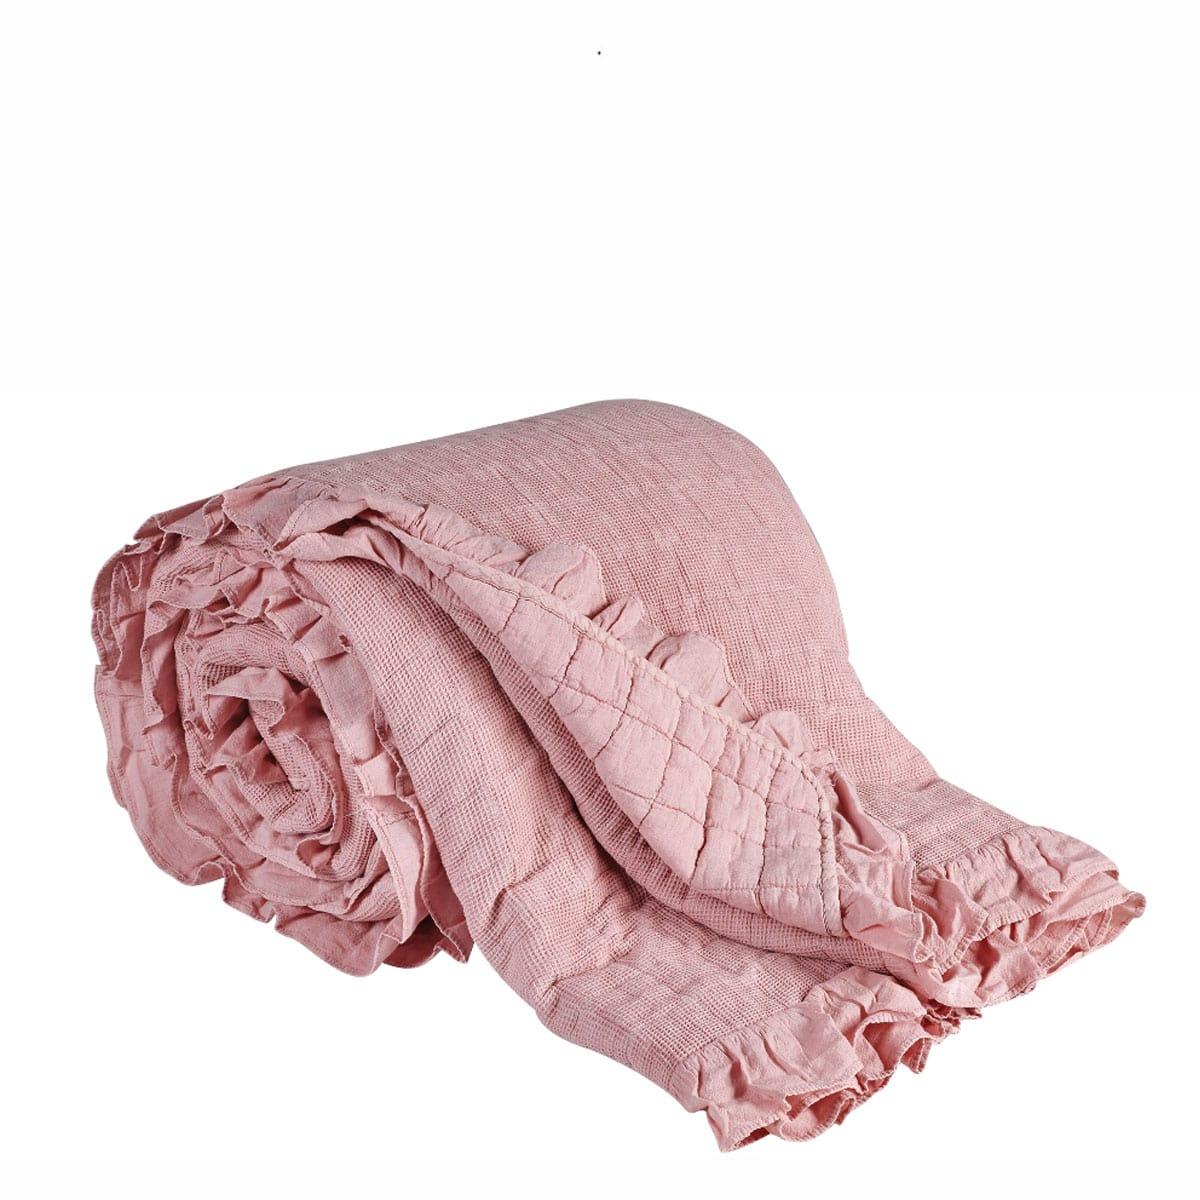 Κουβερλί Jemina 18 Διπλής Όψης Pink Kentia King Size 240x260cm